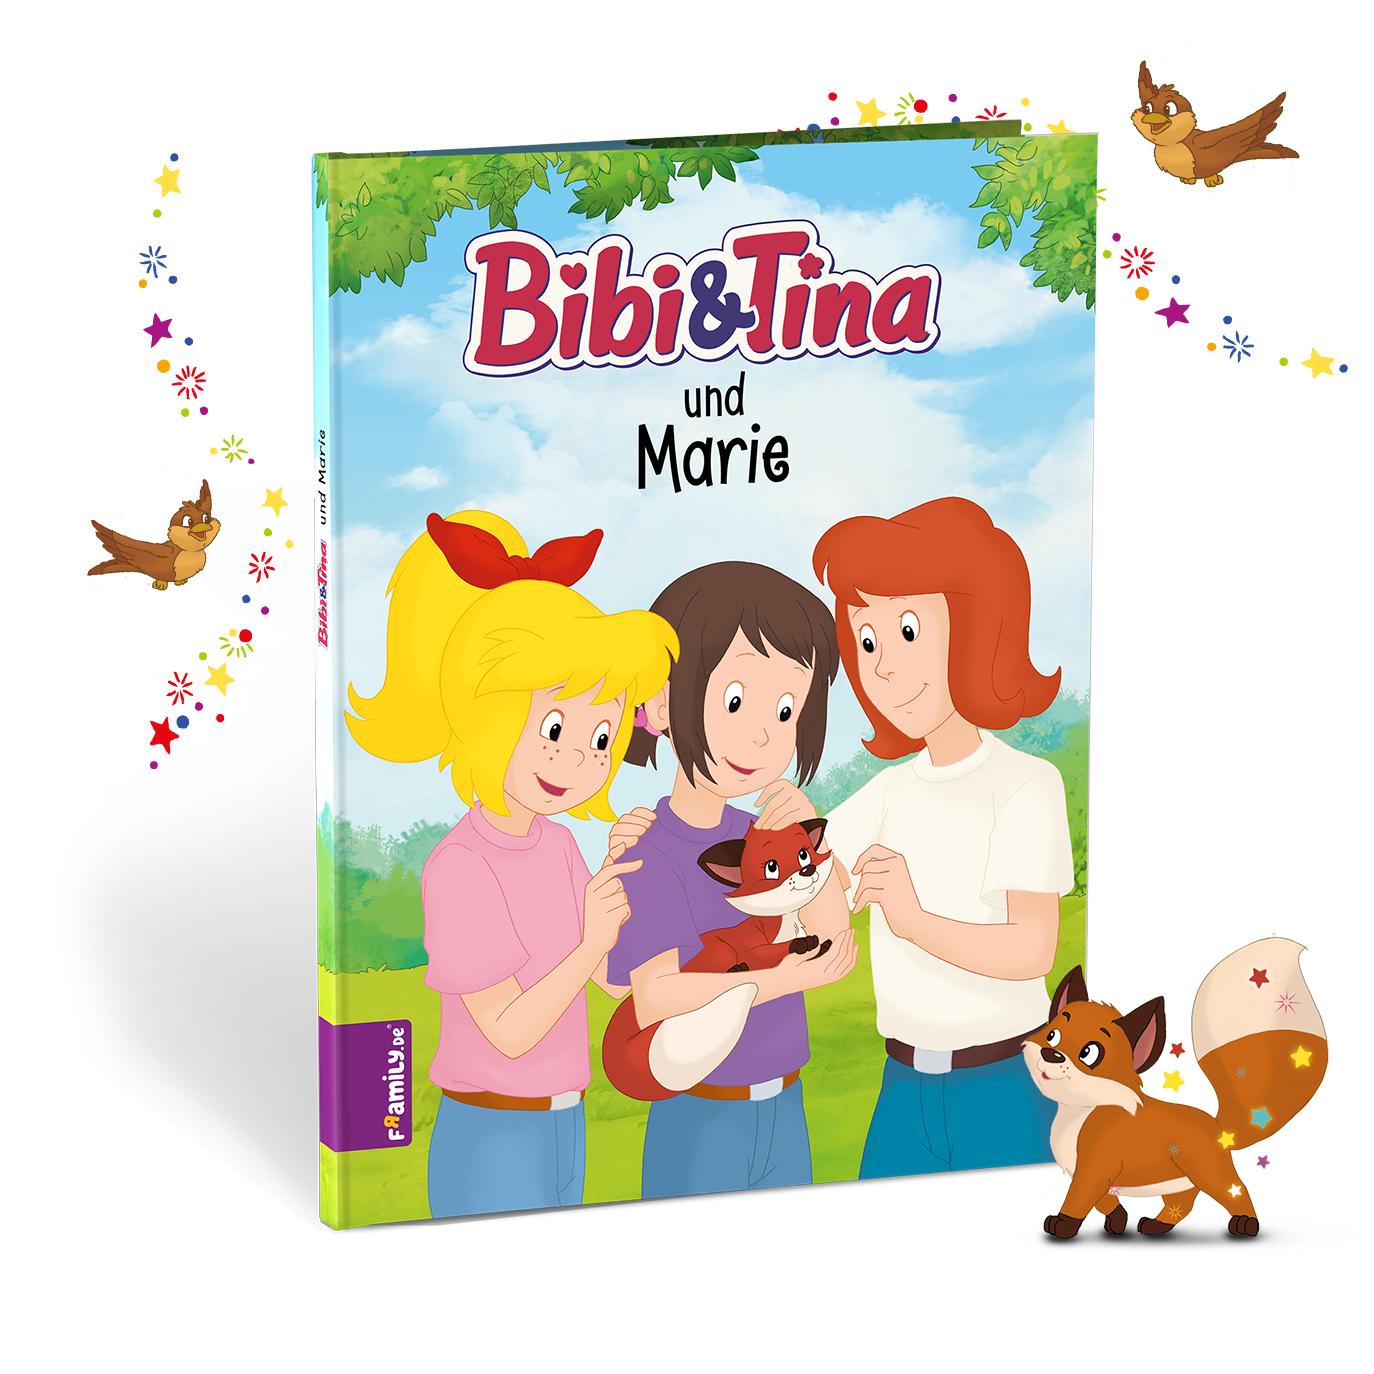 Bibi und Tina die kleinen Fuechse - personalisierte Kinderbuecher